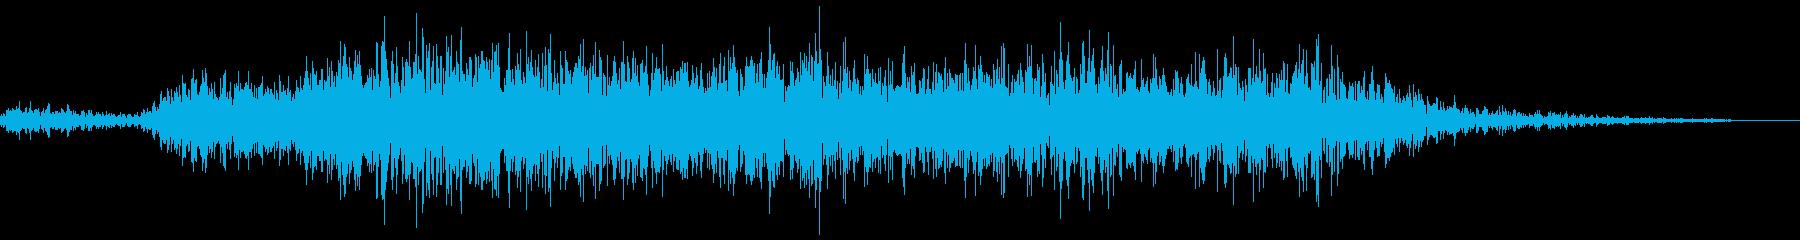 シュー(スプレーを吹く音)の再生済みの波形